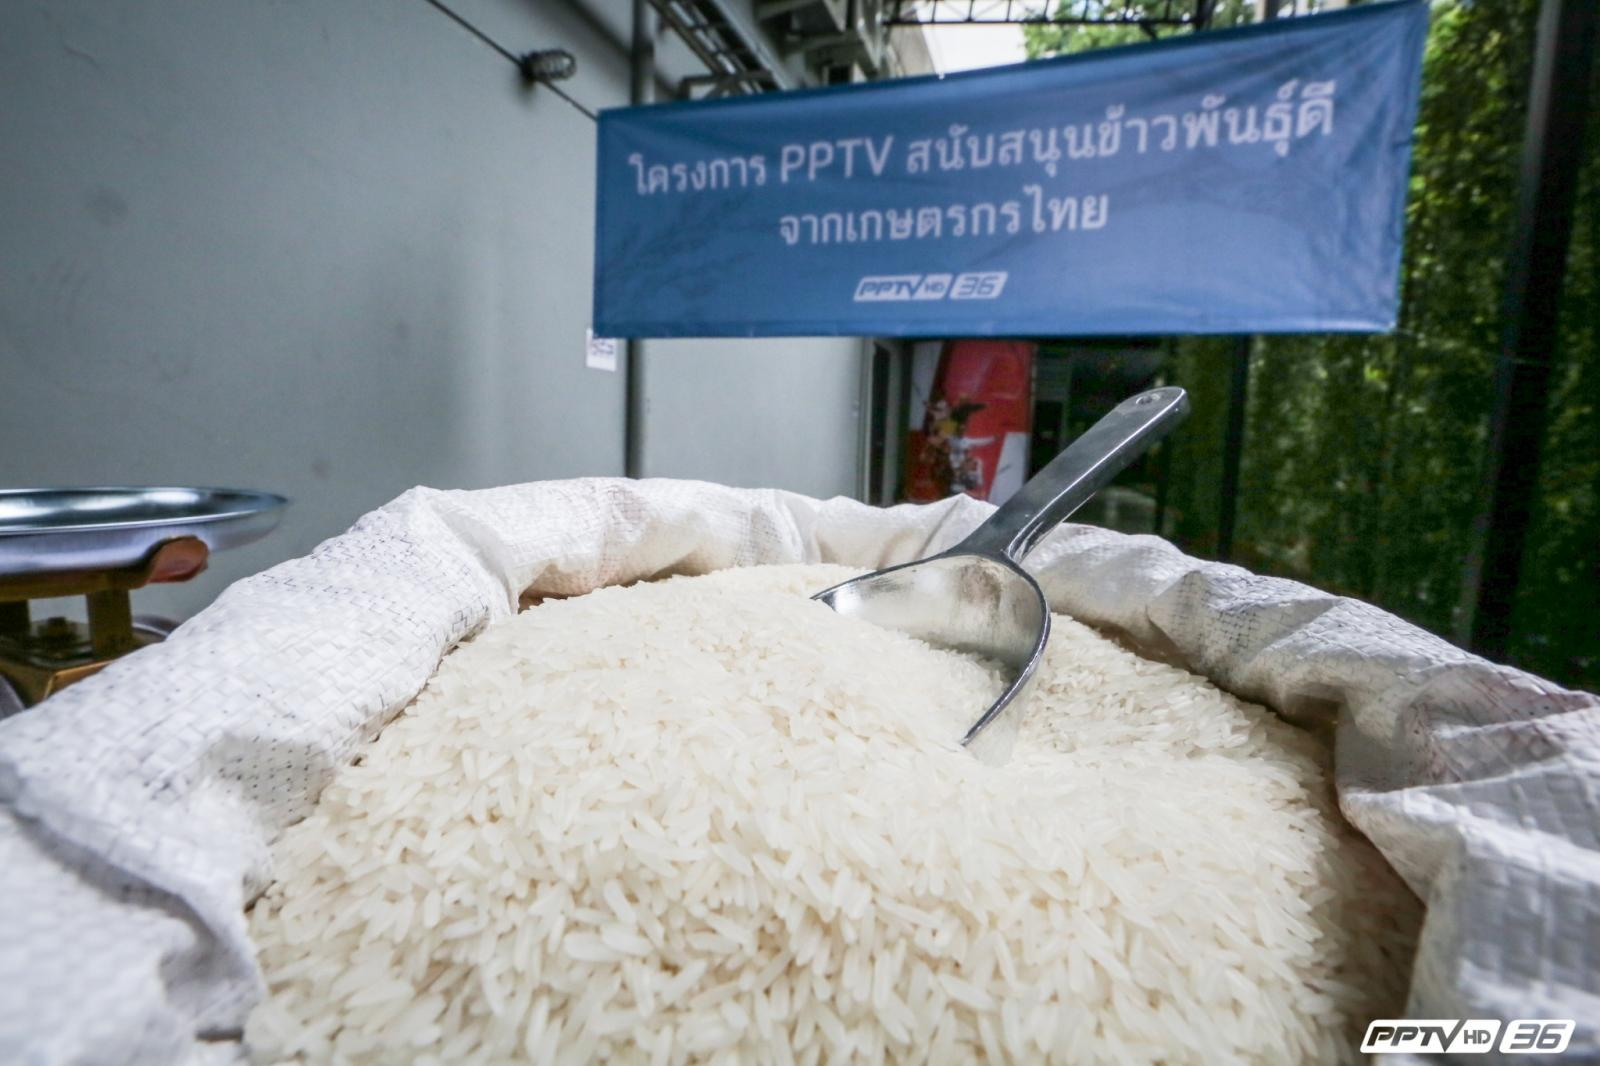 """""""พีพีทีวี"""" จัด """"PPTV สนับสนุนข้าวพันธุ์ดี จากเกษตรกรไทย"""""""